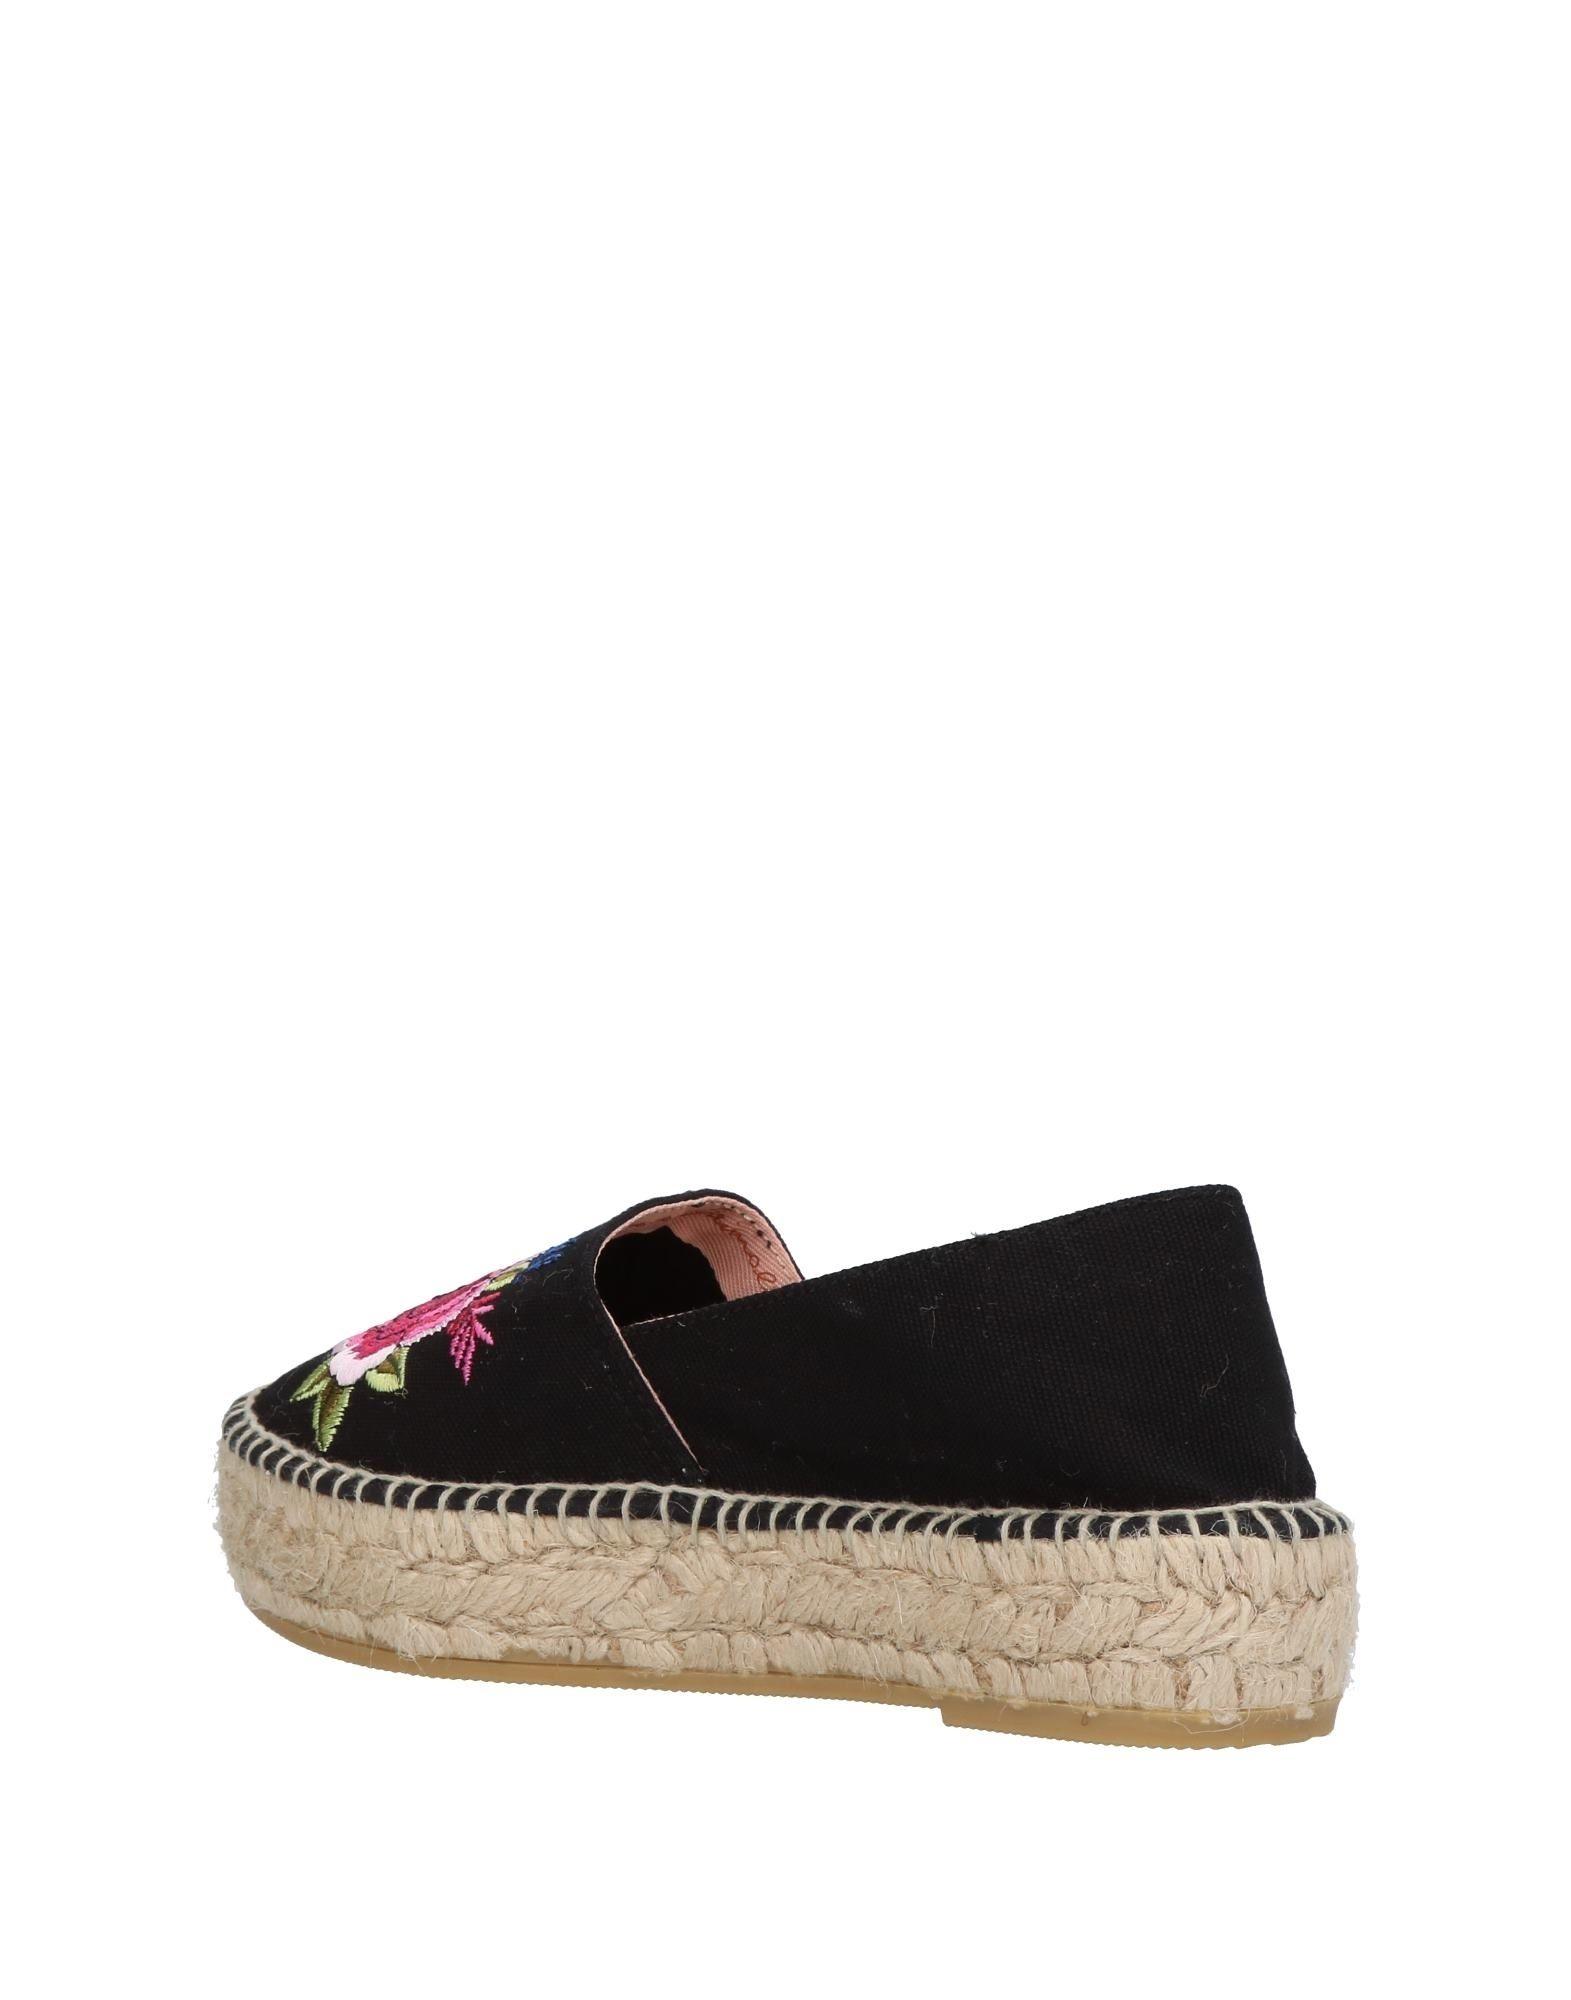 Gaimo Espadrilles Damen  11380962KJ Gute Qualität beliebte Schuhe